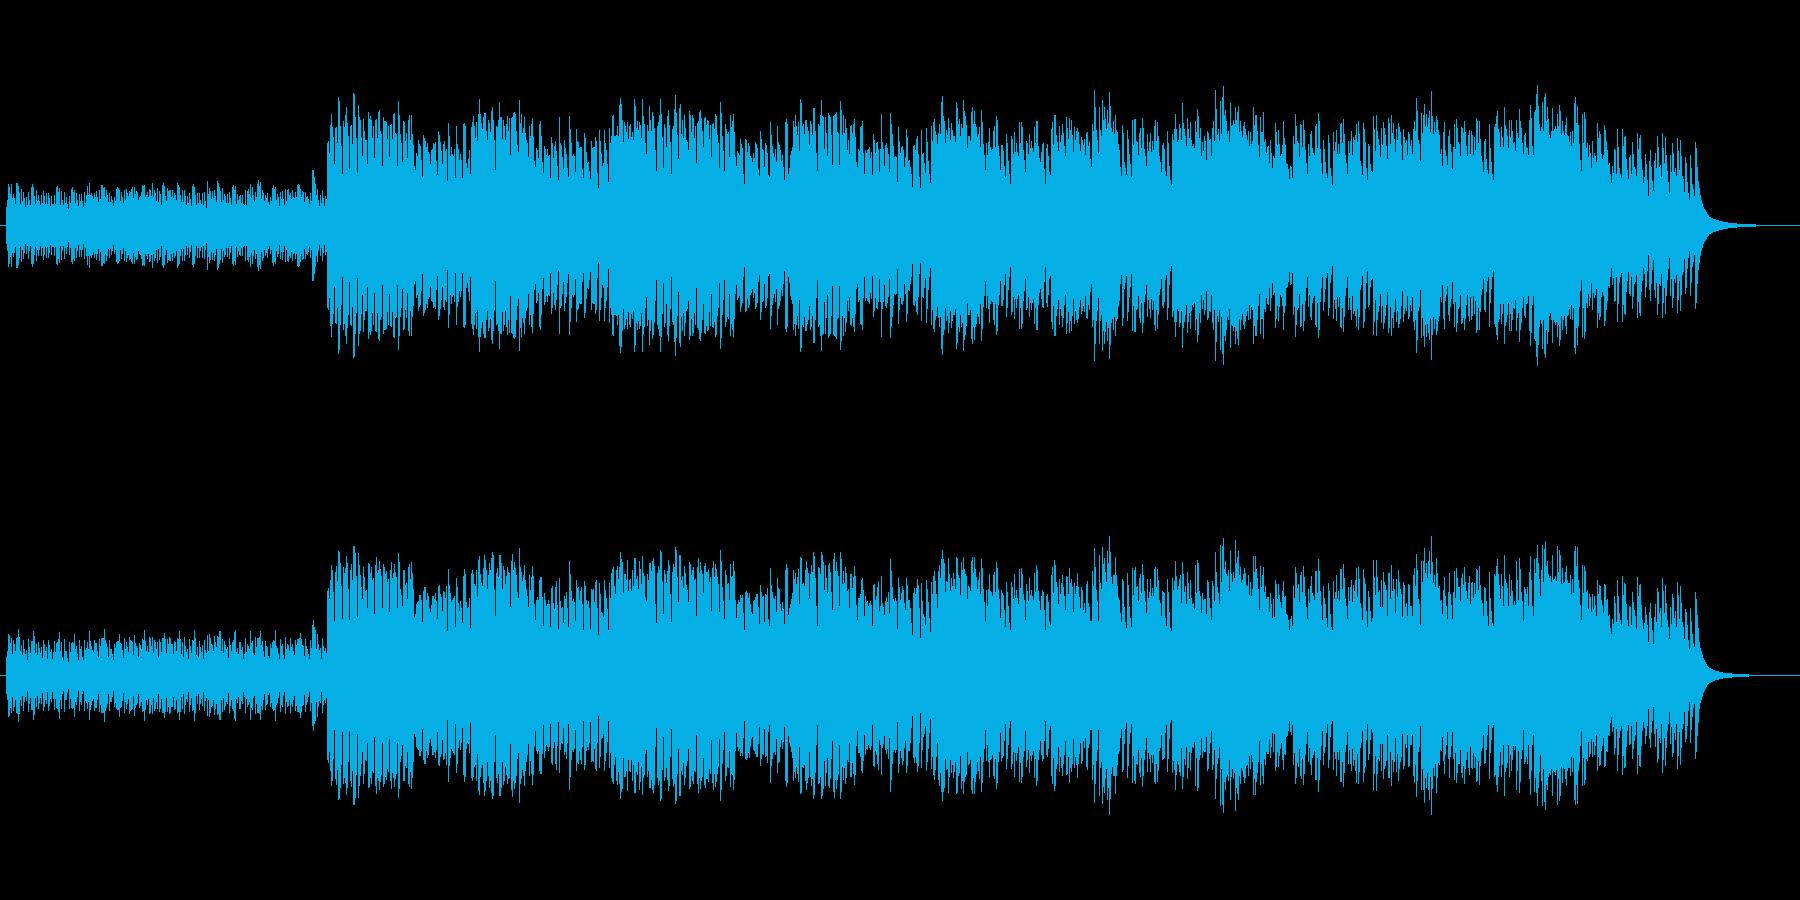 睡眠導入に向いている癒やしのオルゴールの再生済みの波形